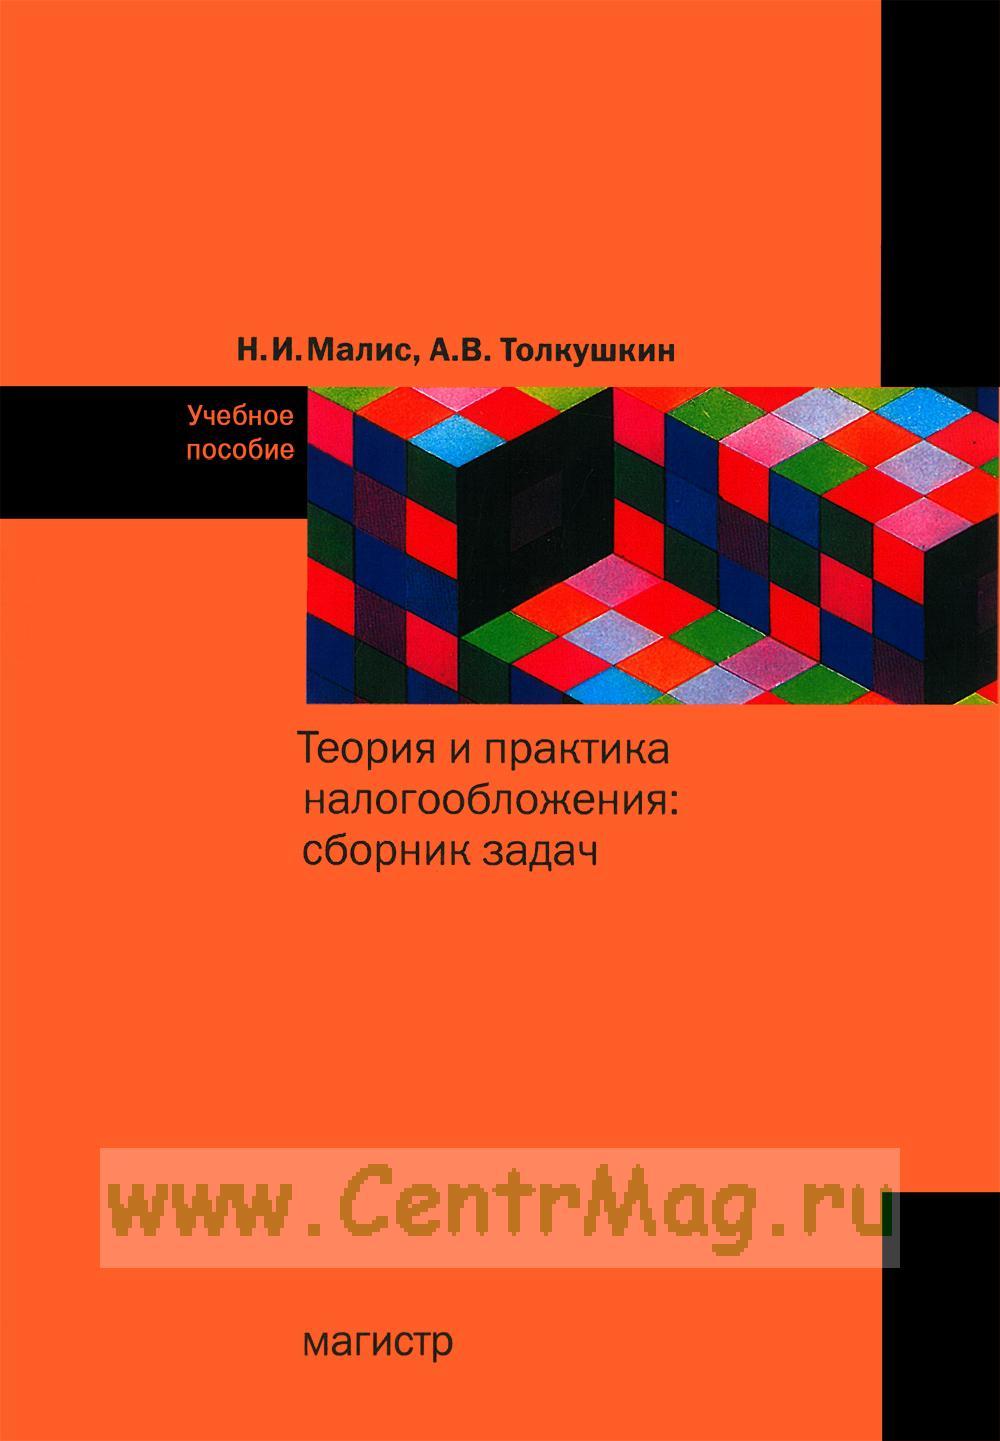 Теория и практика налогообложения: сборник задач: учебное пособие